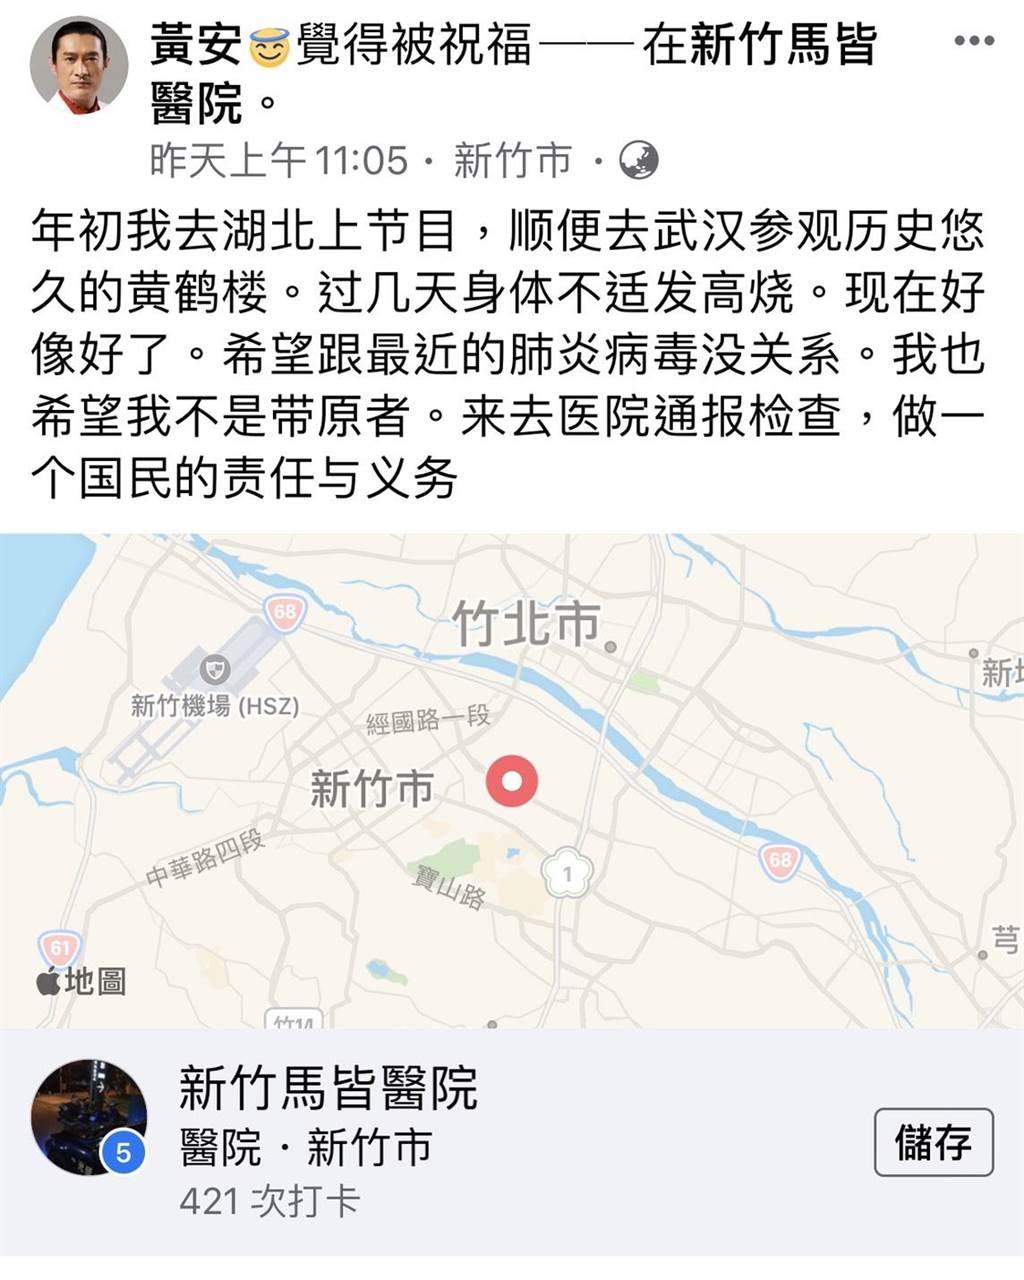 署名「黃安」FB的文字留言和地圖,顯示在新竹馬偕醫院打卡,在網路瘋傳。(攝自FB/羅浚新竹傳真)